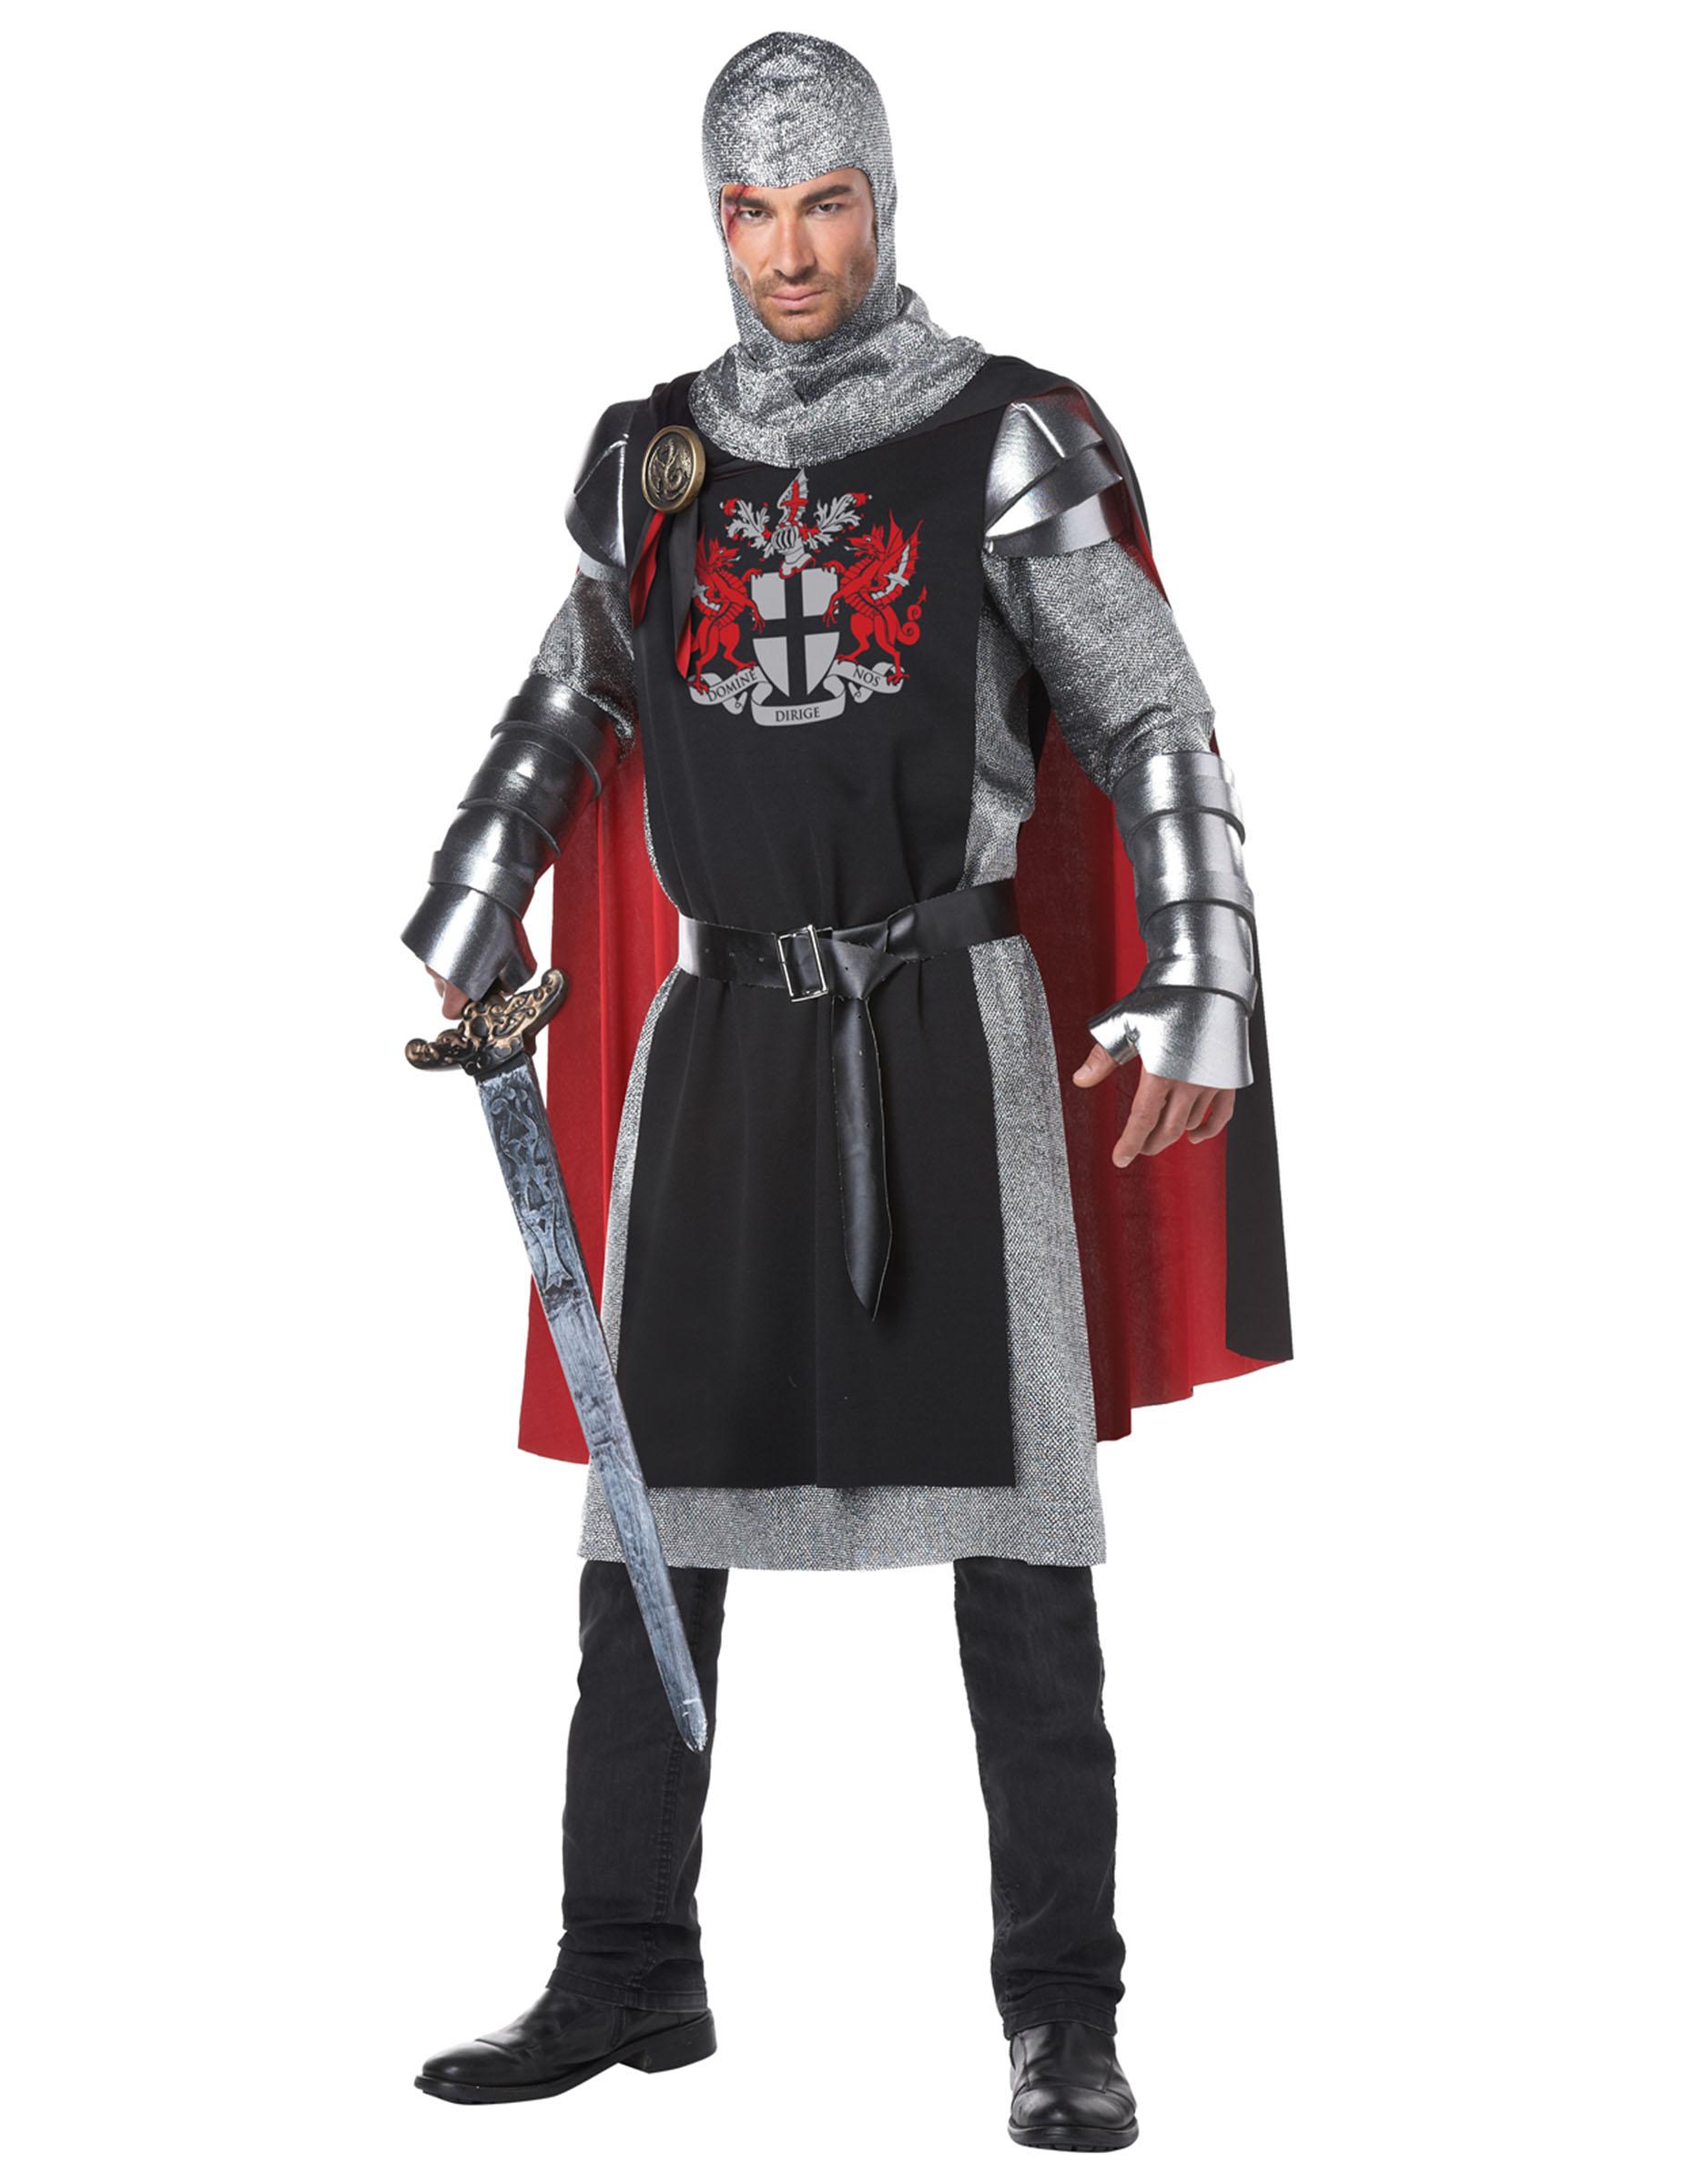 Uomo Medievale Da Su Di Costume VegaoopartyNegozio Cavaliere rsdCtxQh